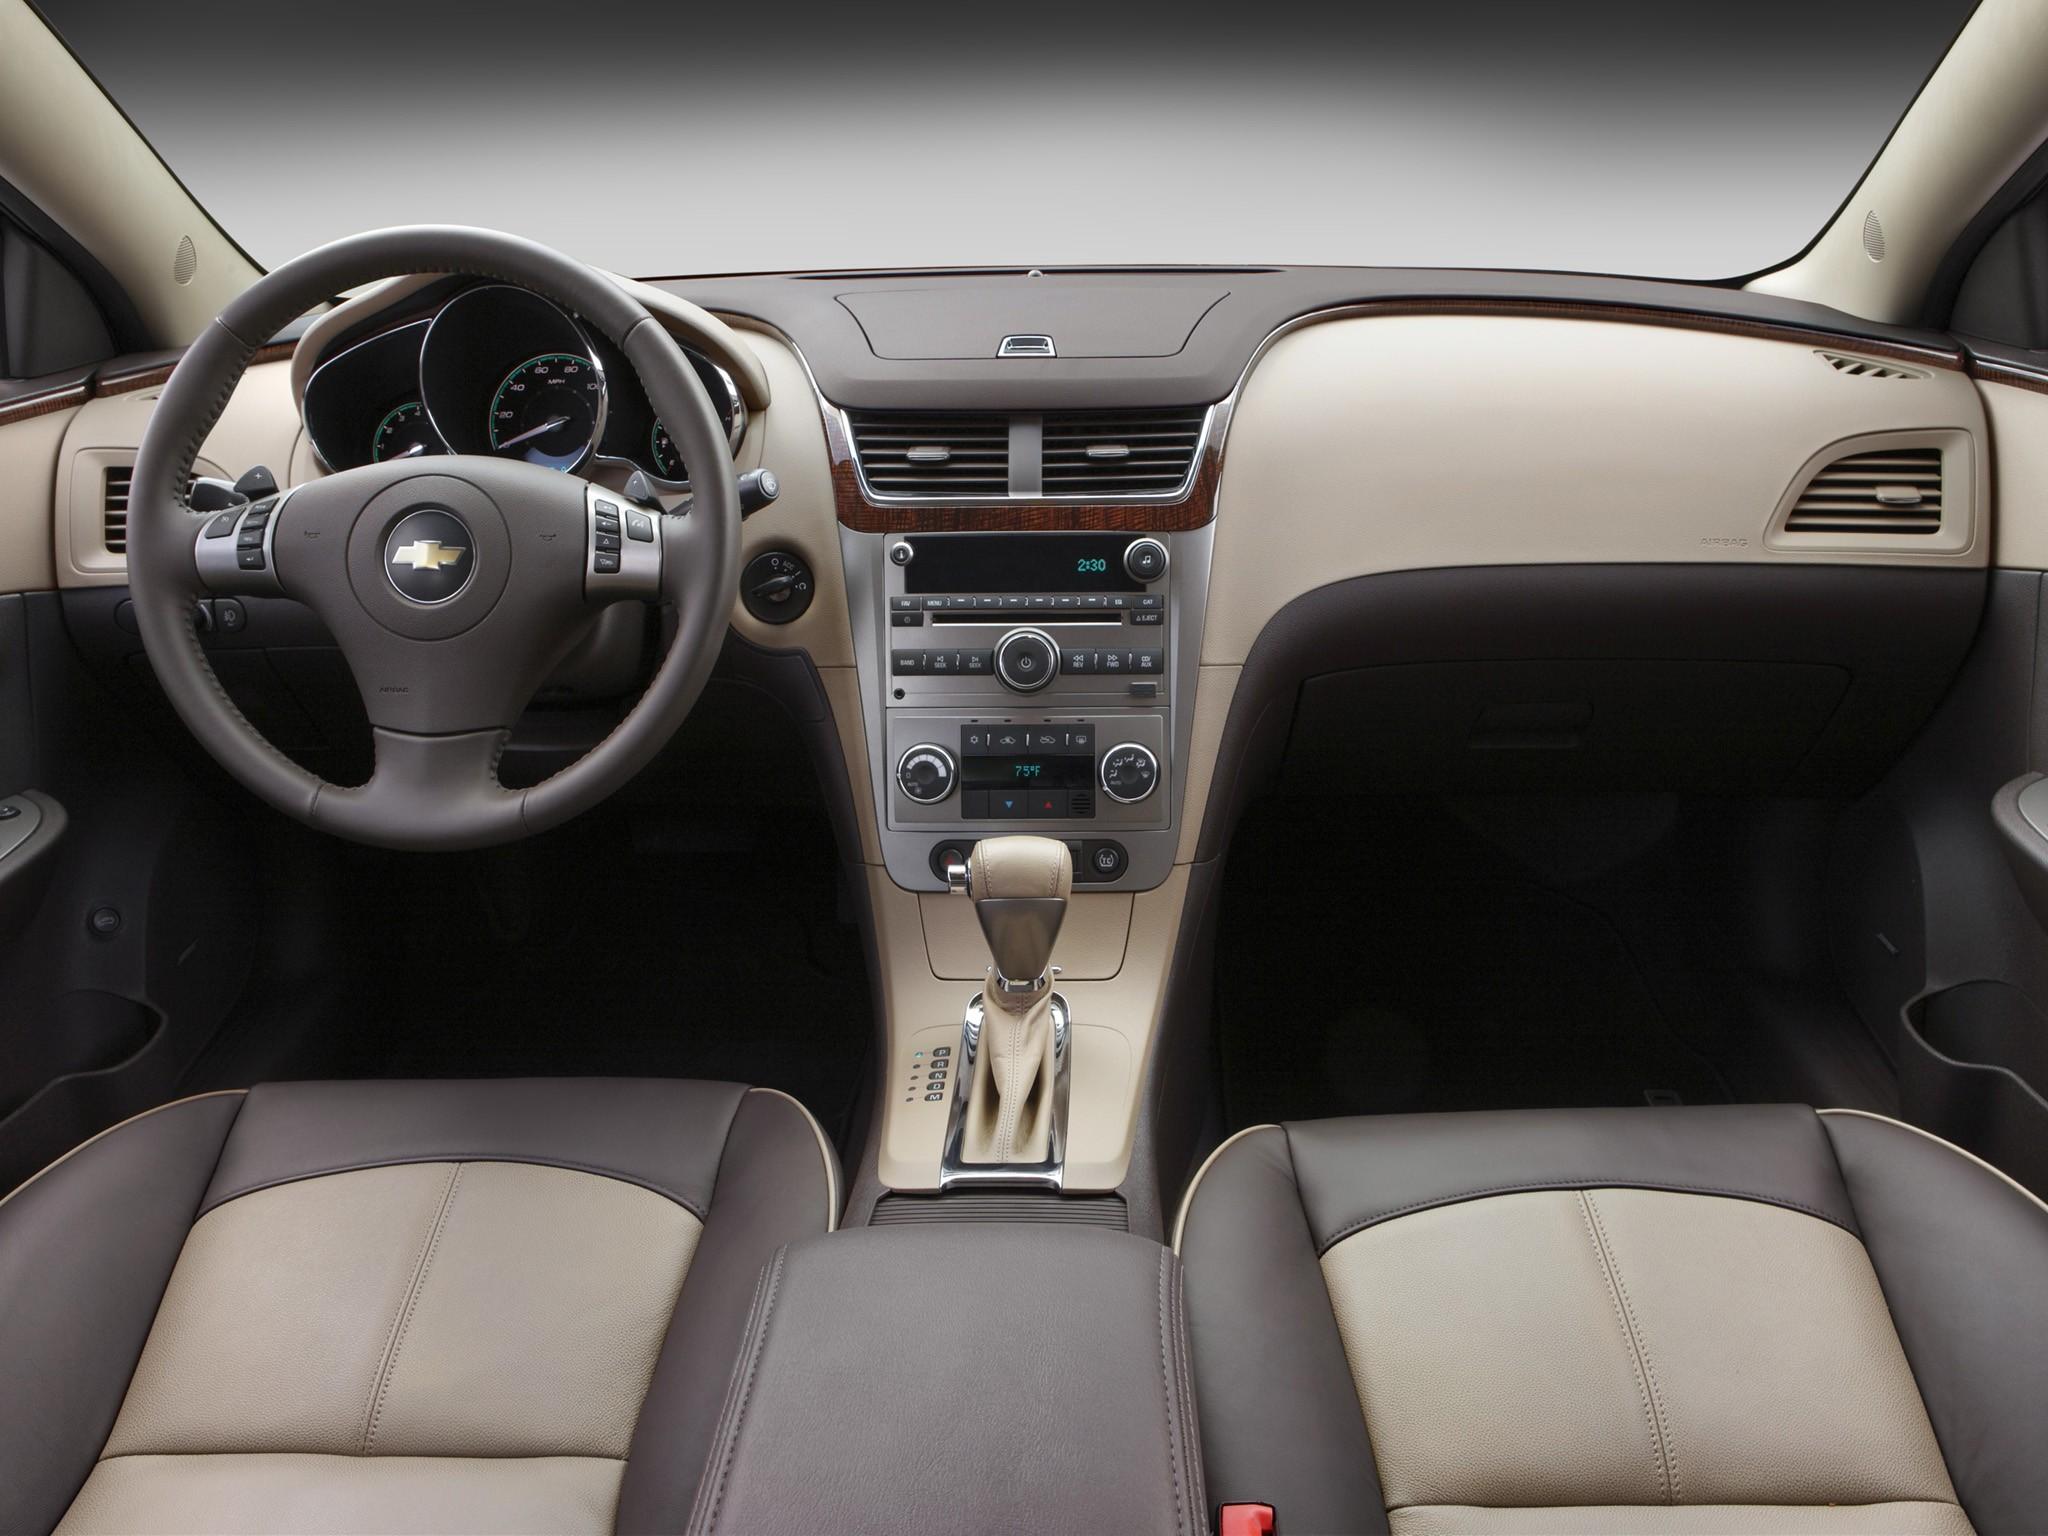 Chevrolet Malibu on Chevy 4 3 V6 Engine Specs